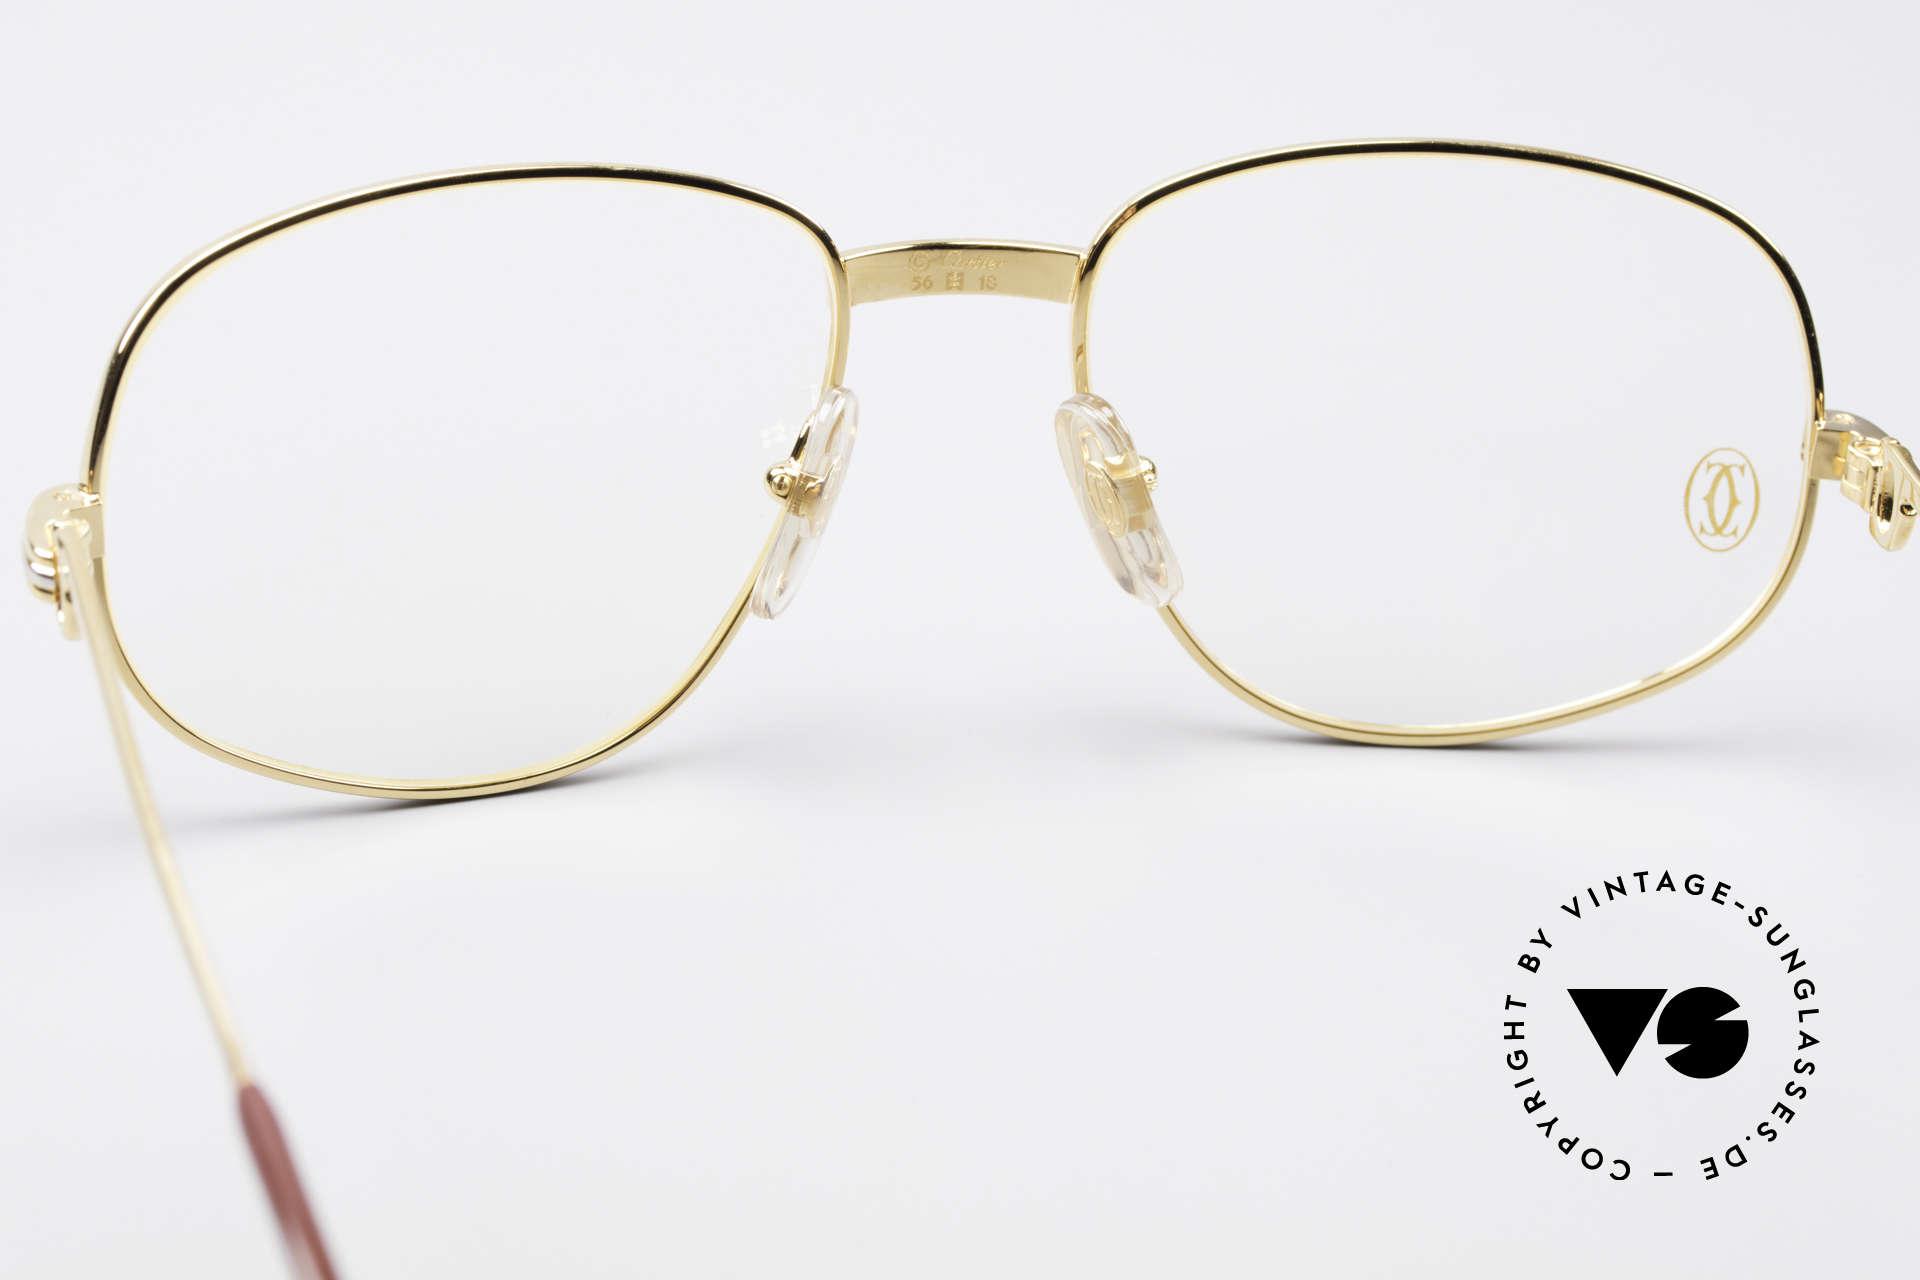 Cartier Romance LC - M Luxus Designer Fassung, 22kt vergoldete Fassung (wie alle alten CARTIER Brillen), Passend für Herren und Damen